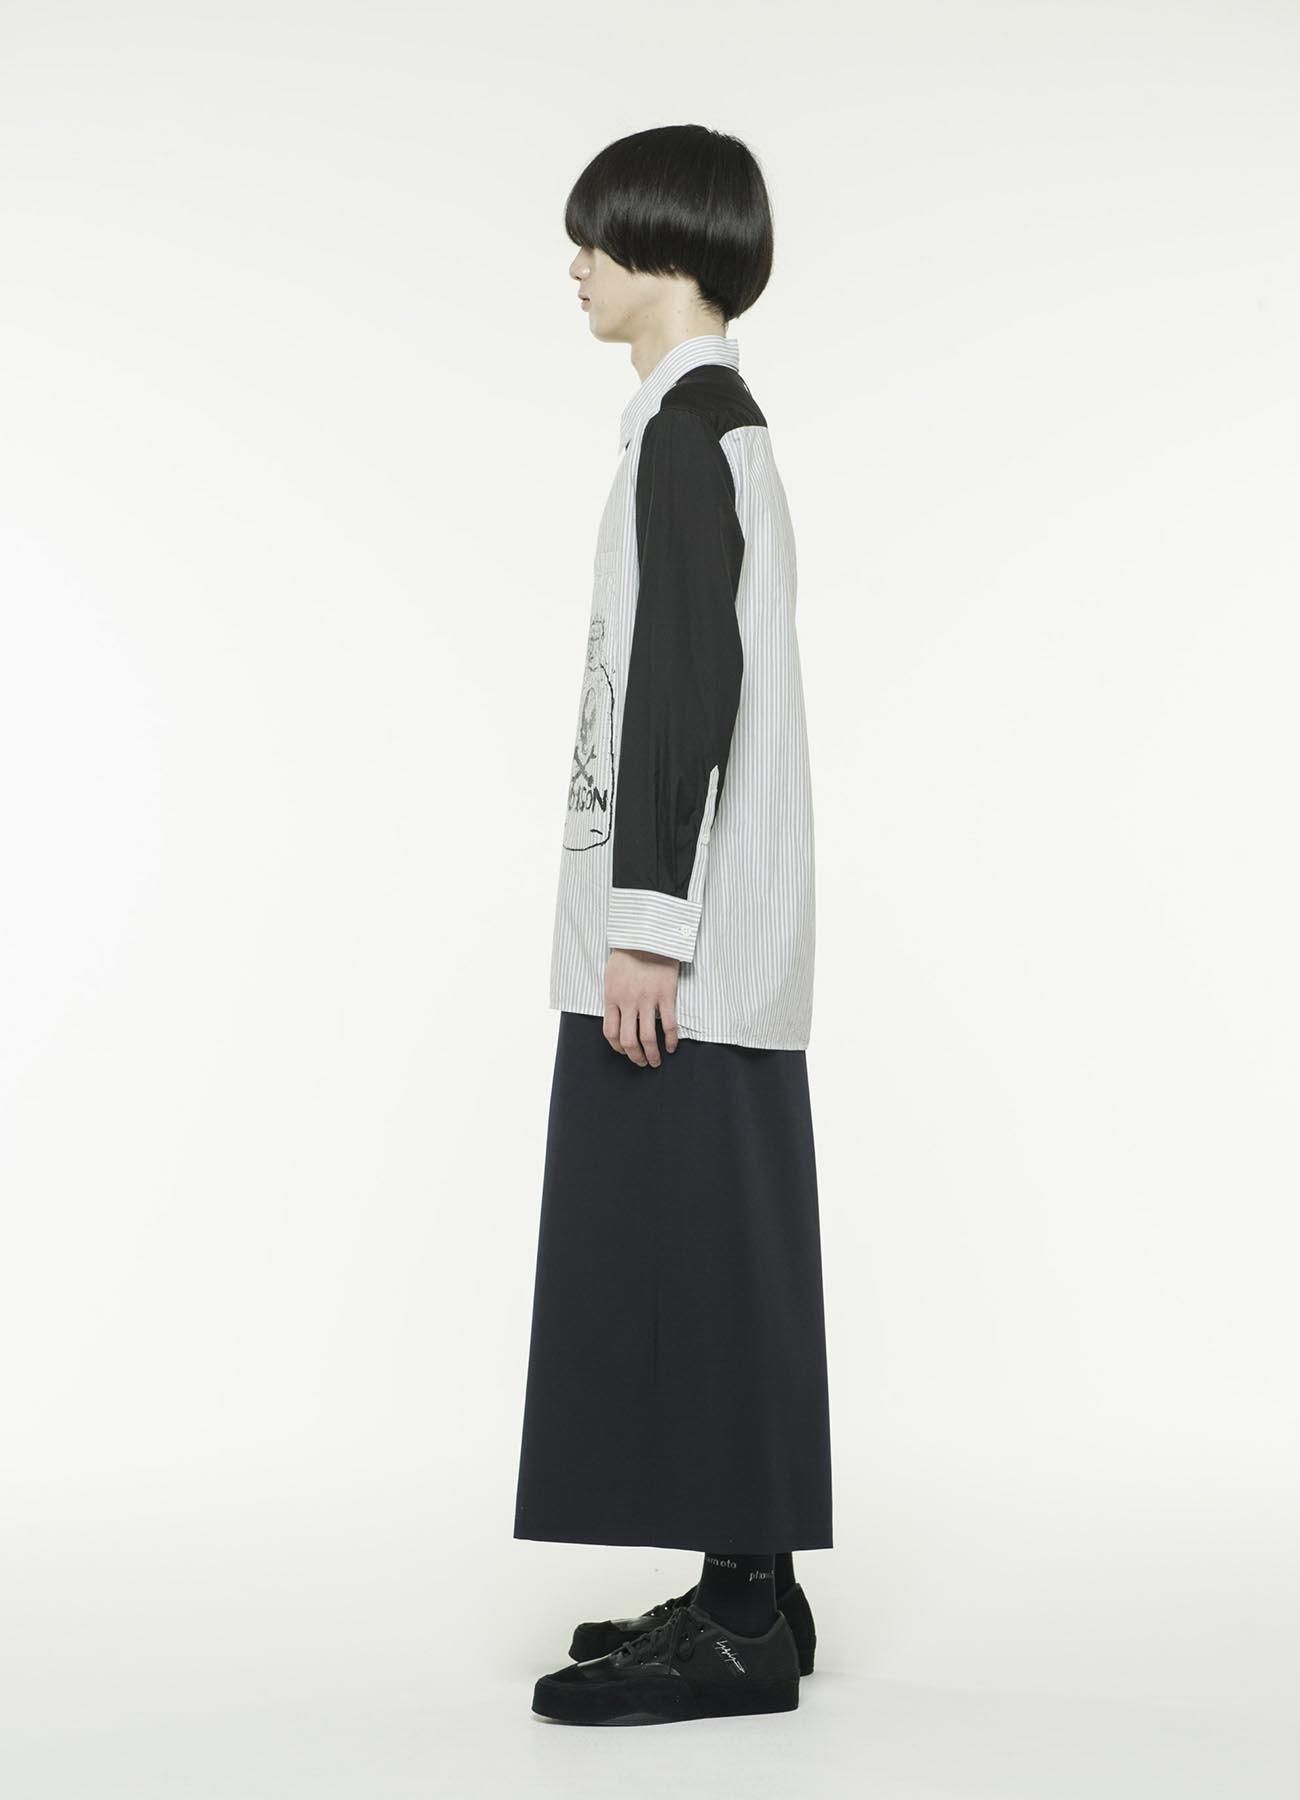 60 / - 条纹×100/2细平纹组合毒药瓶骷髅衬衫